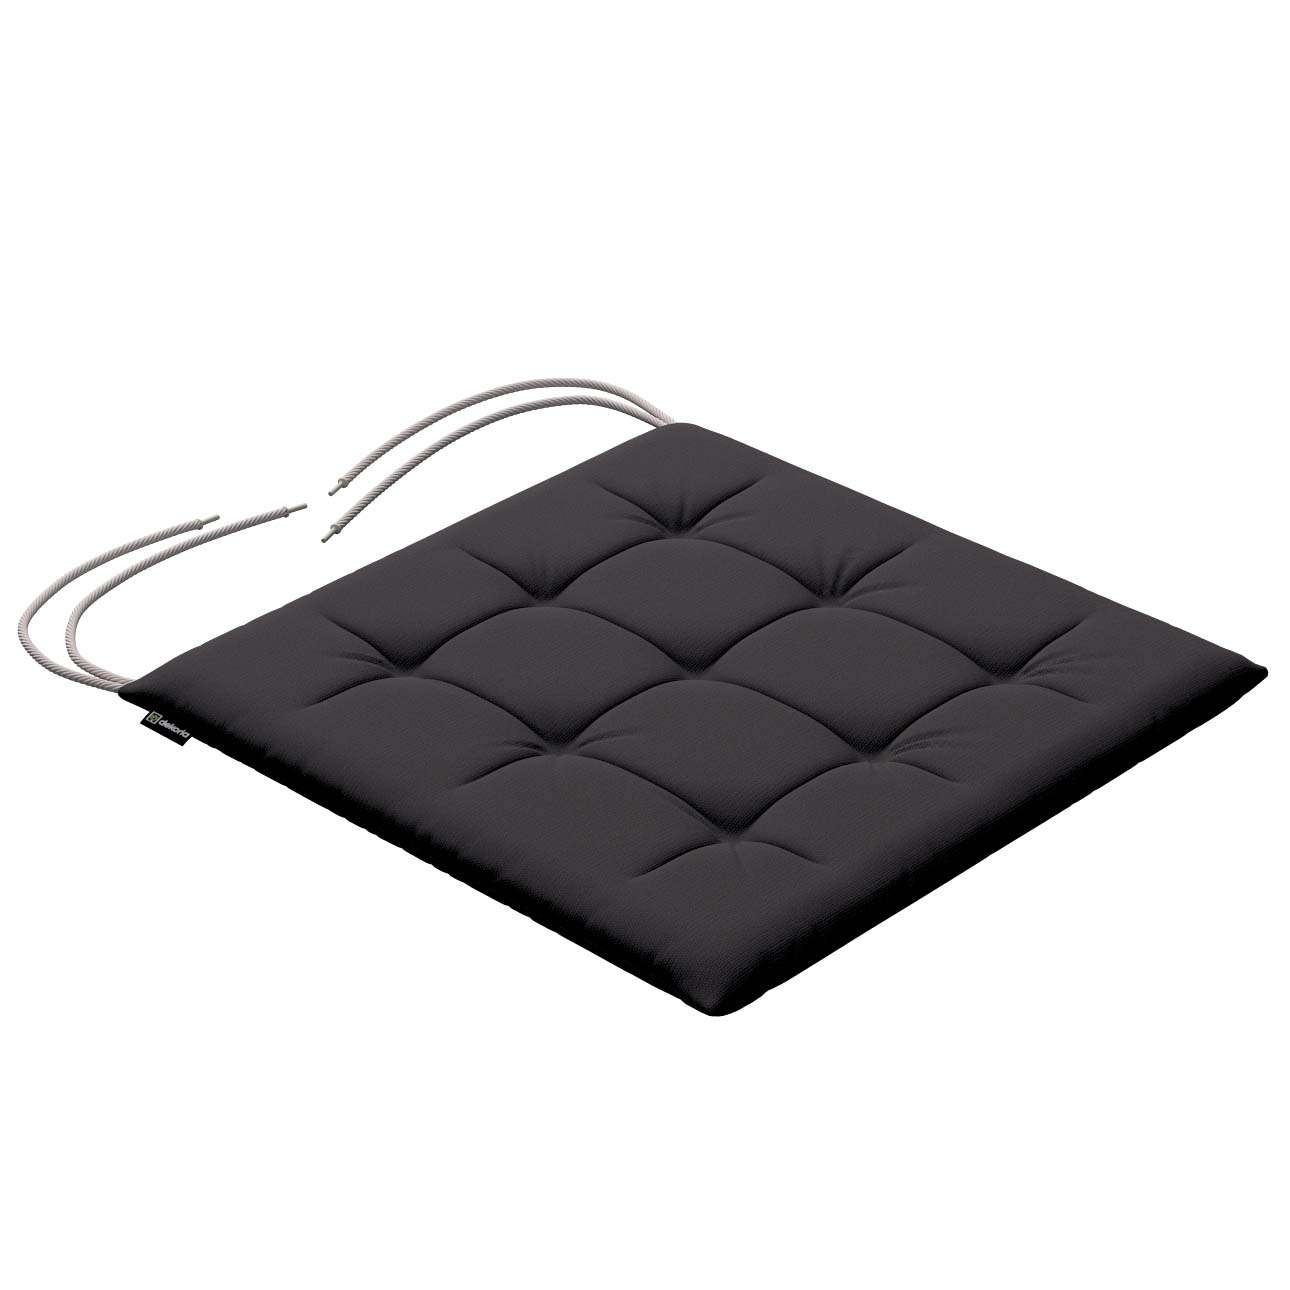 Siedzisko Karol na krzesło 40x40x3,5cm w kolekcji Cotton Panama, tkanina: 702-09